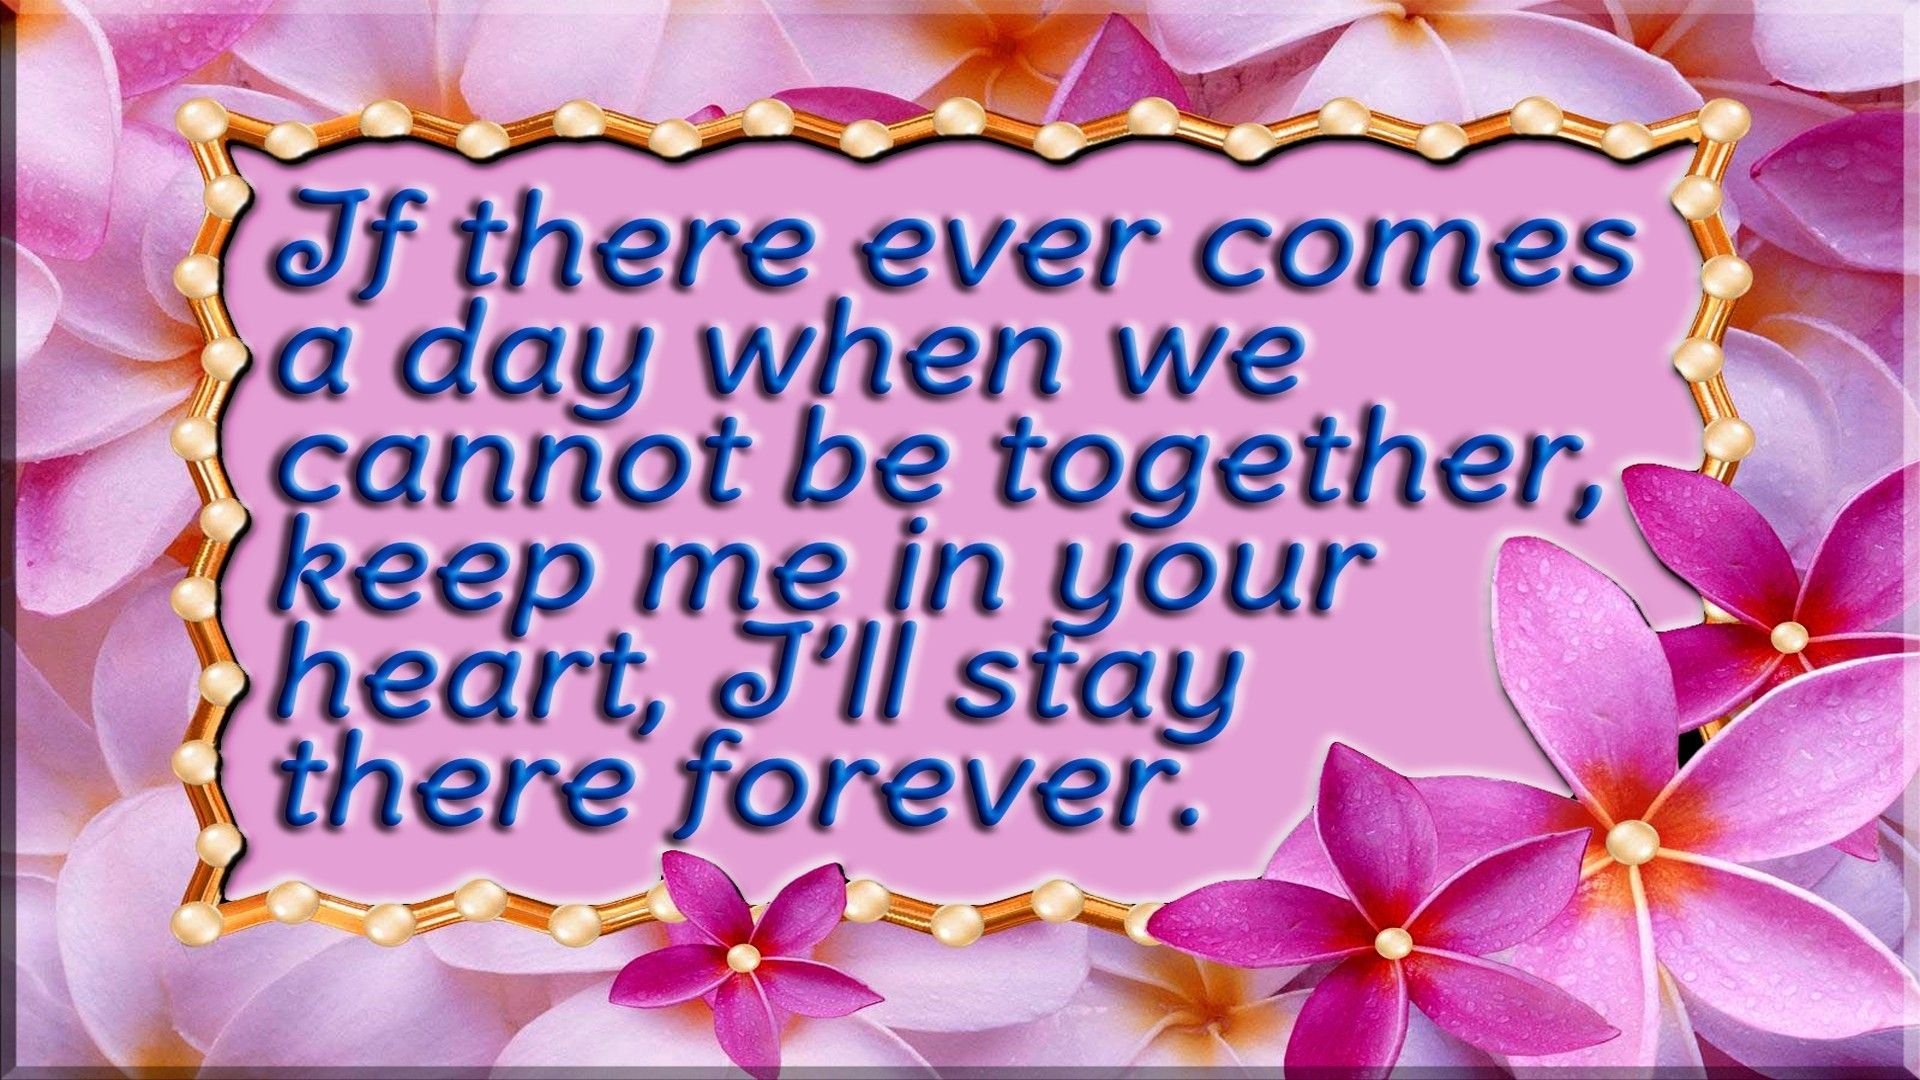 Friendship Quote For Gemma Wallpaper Friendship Quotes Friendship True Friends